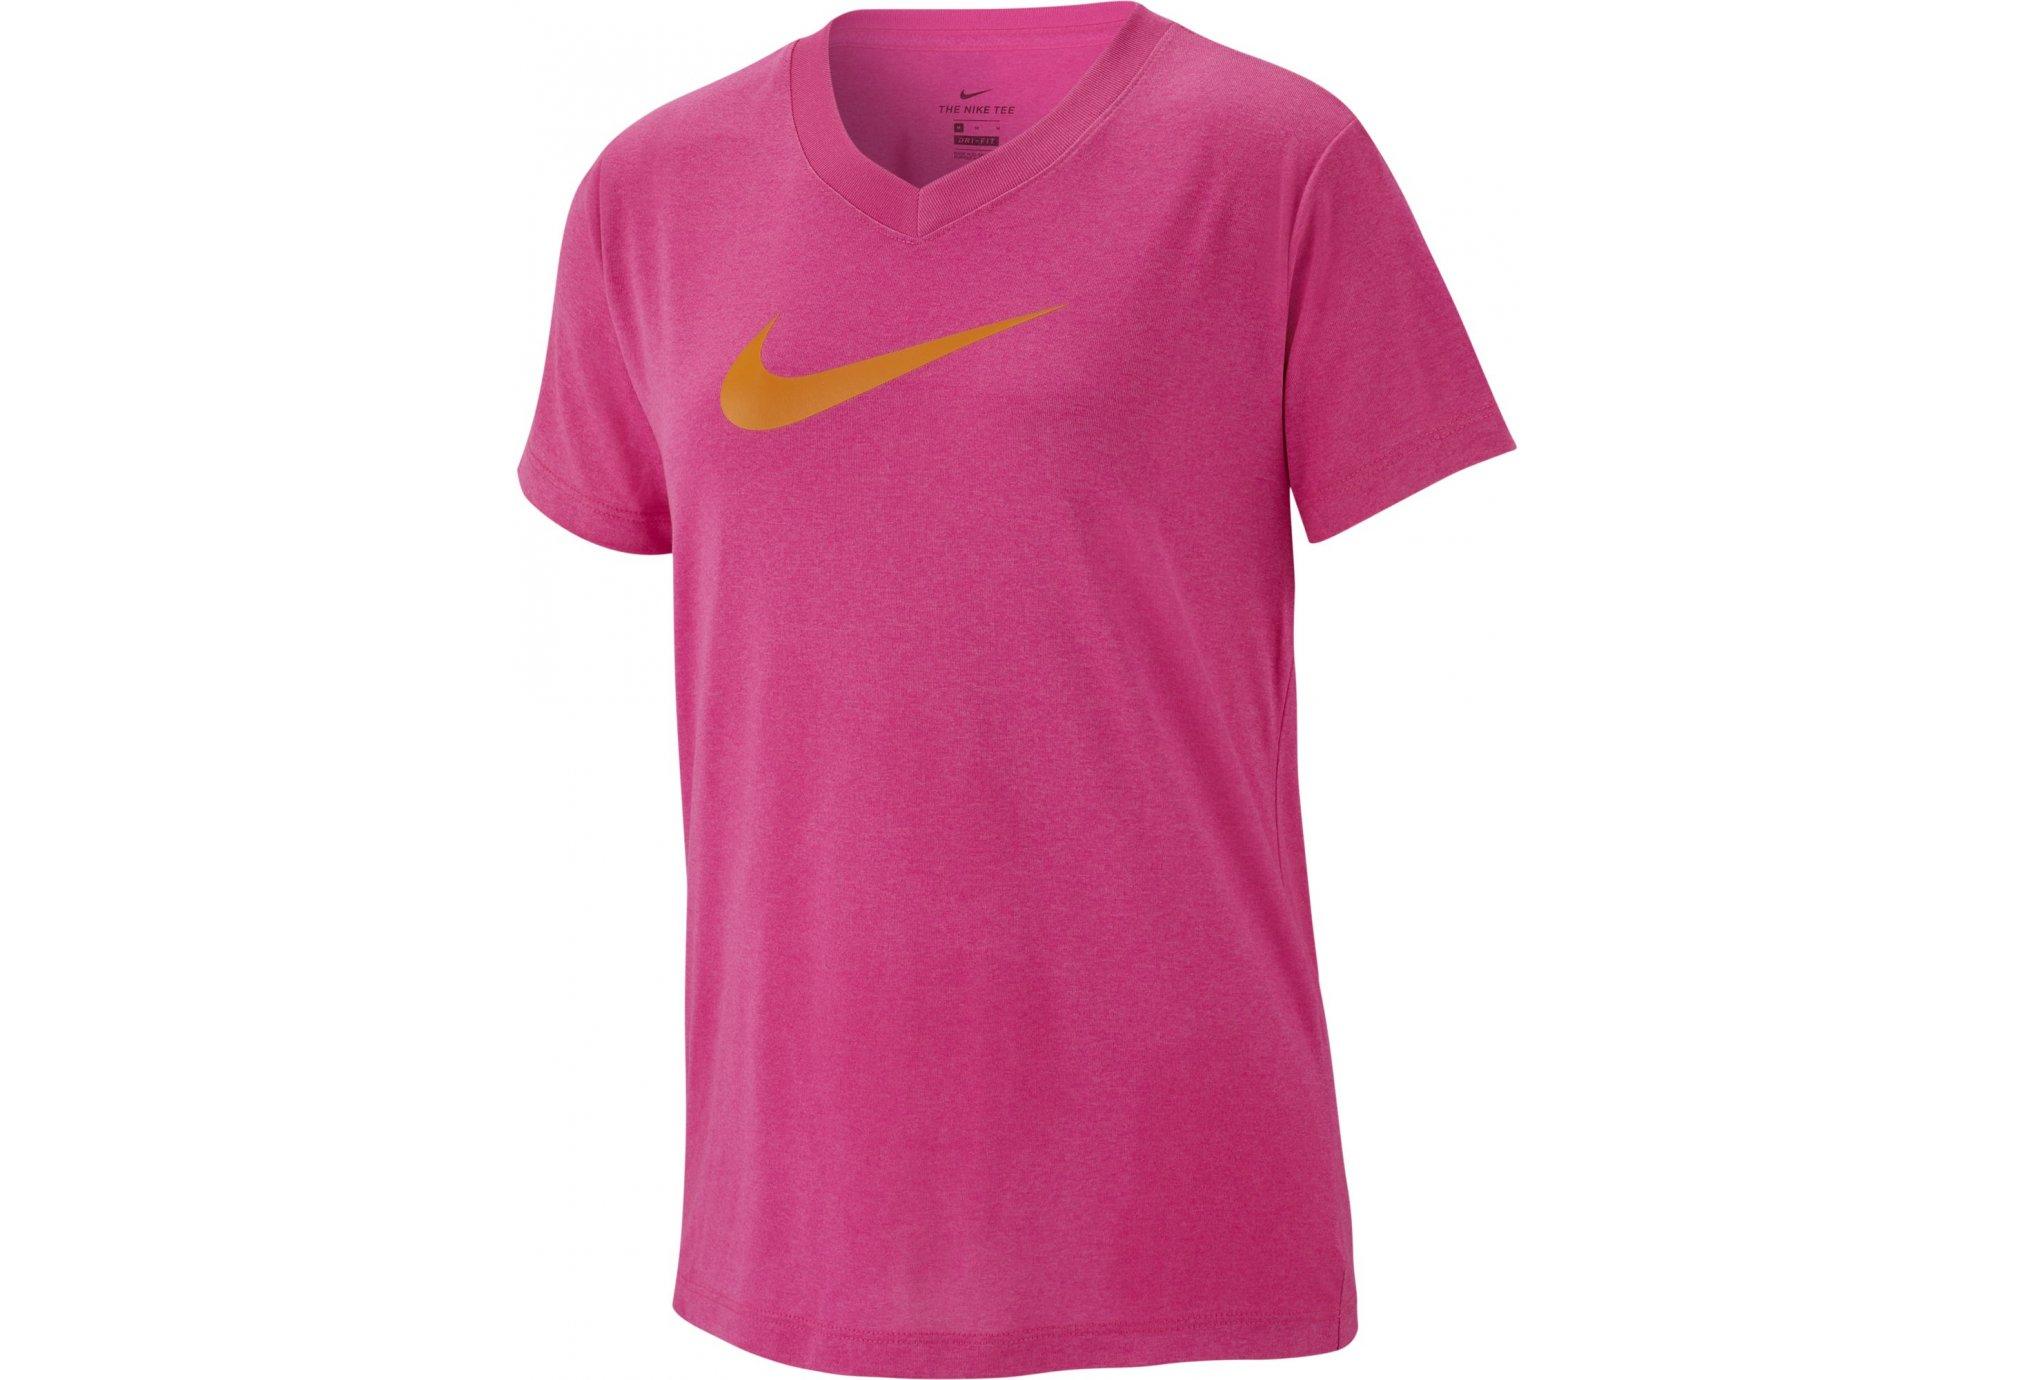 Nike V-Neck Swoosh Fille vêtement running femme